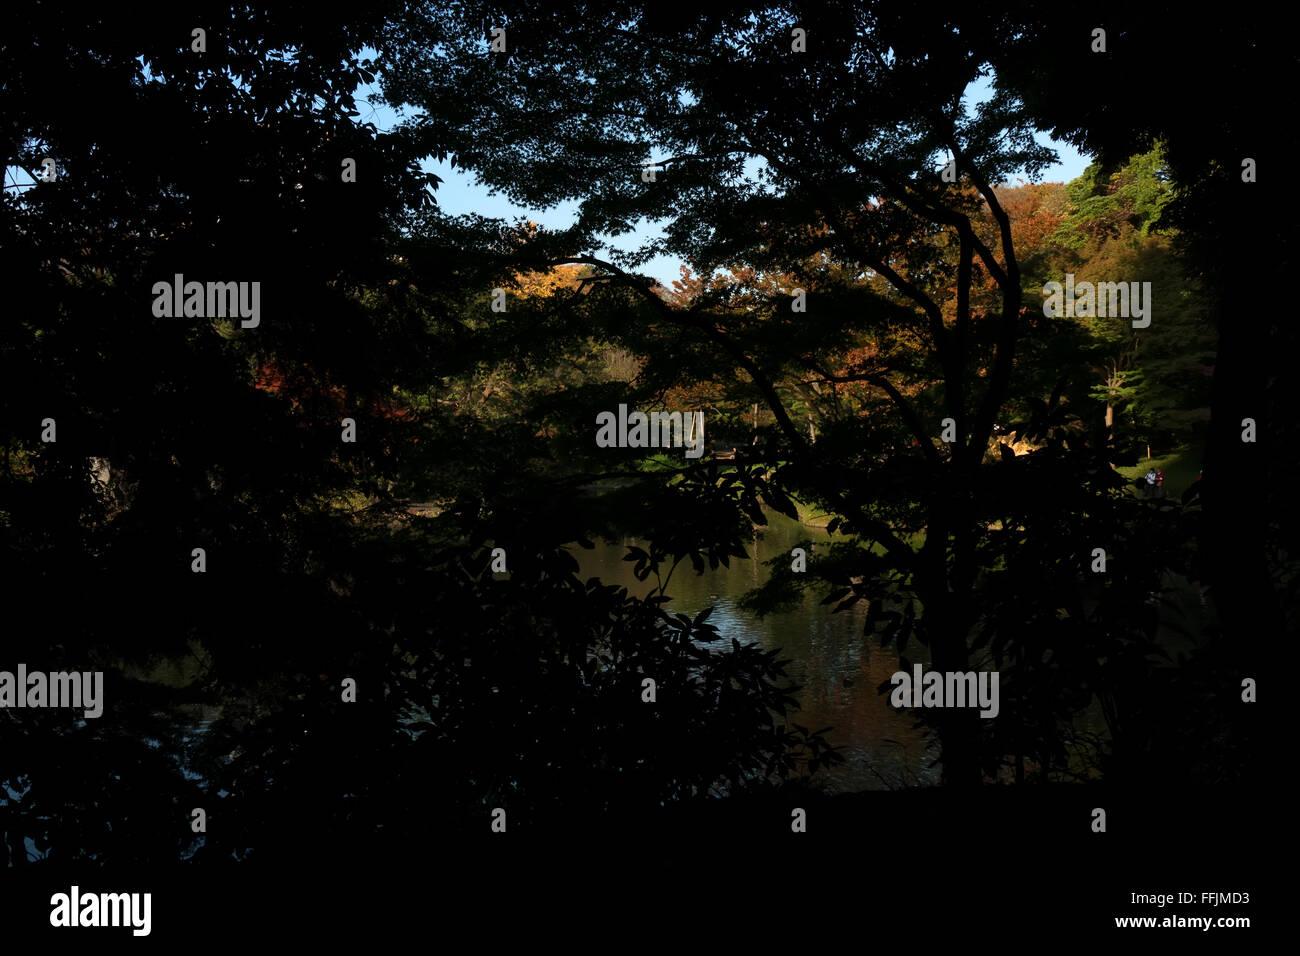 Jardin Koishikawa Korakuen, Tokyo, Japon. Parc de la ville de saison d'automne, feuillage de l'automne sur Photo Stock